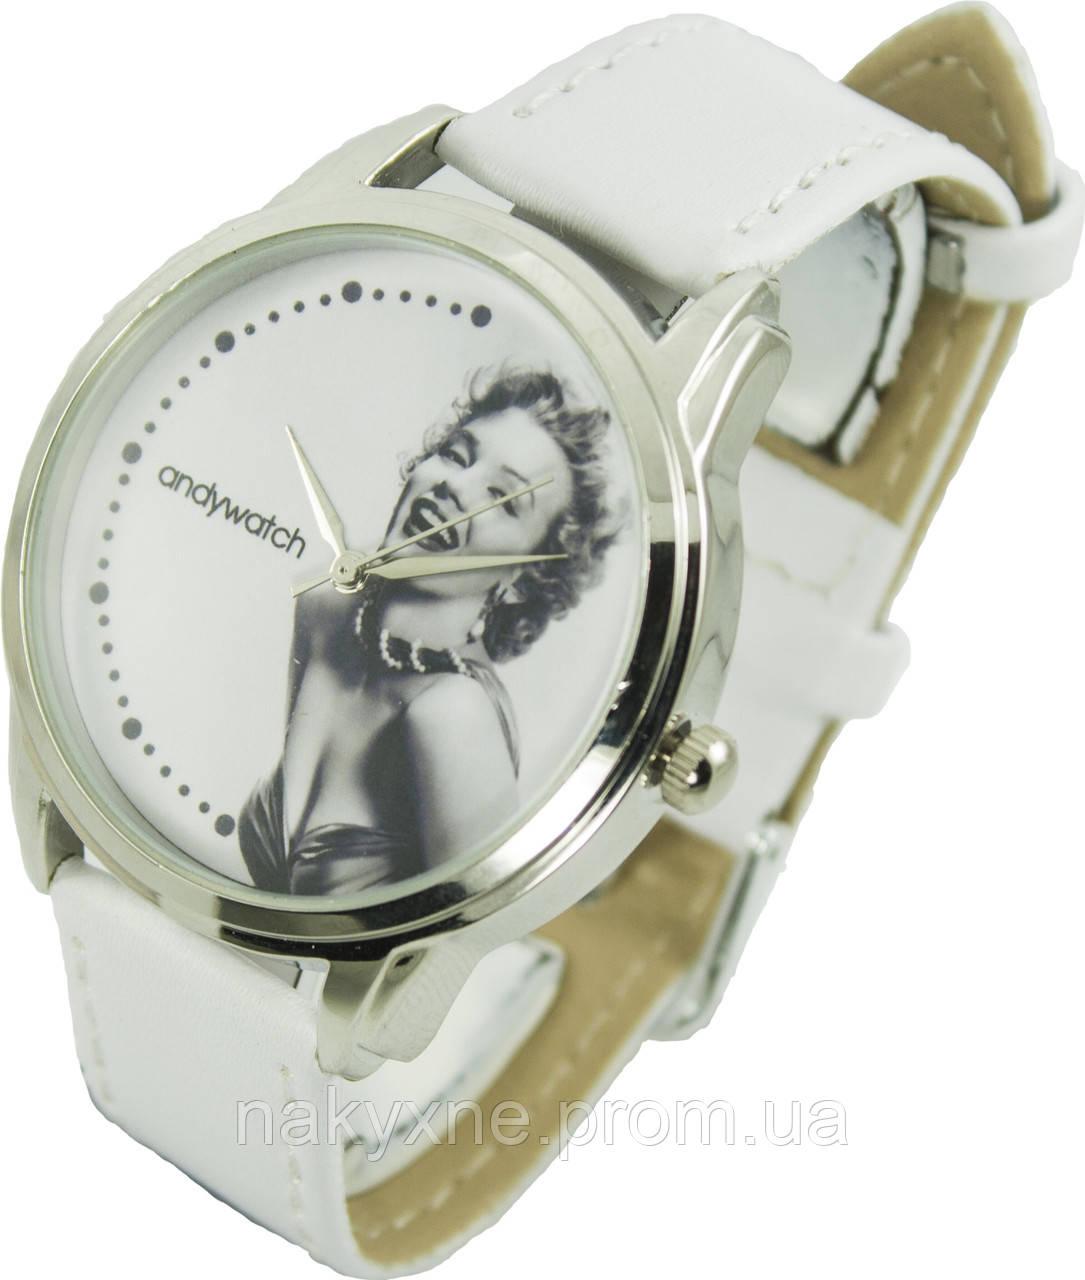 Часы с мерлин монро наручные купить купить часы titan edge